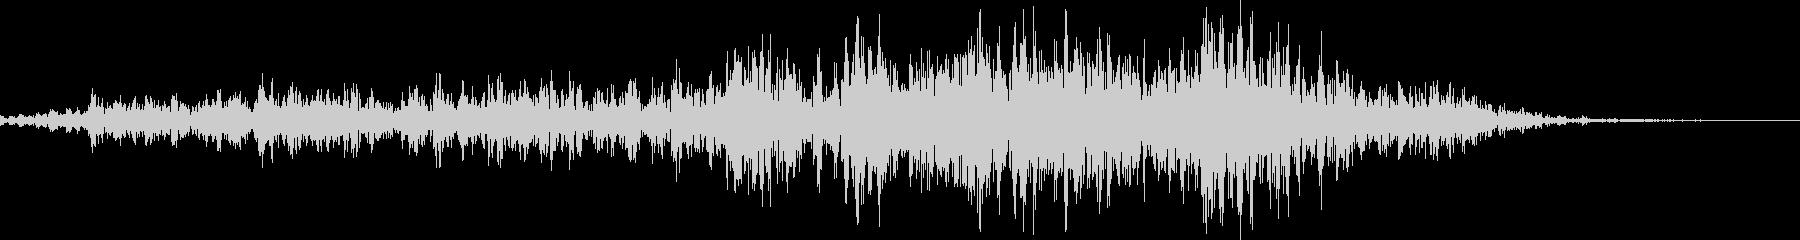 馬の鳴き声(ブヒヒン)の未再生の波形